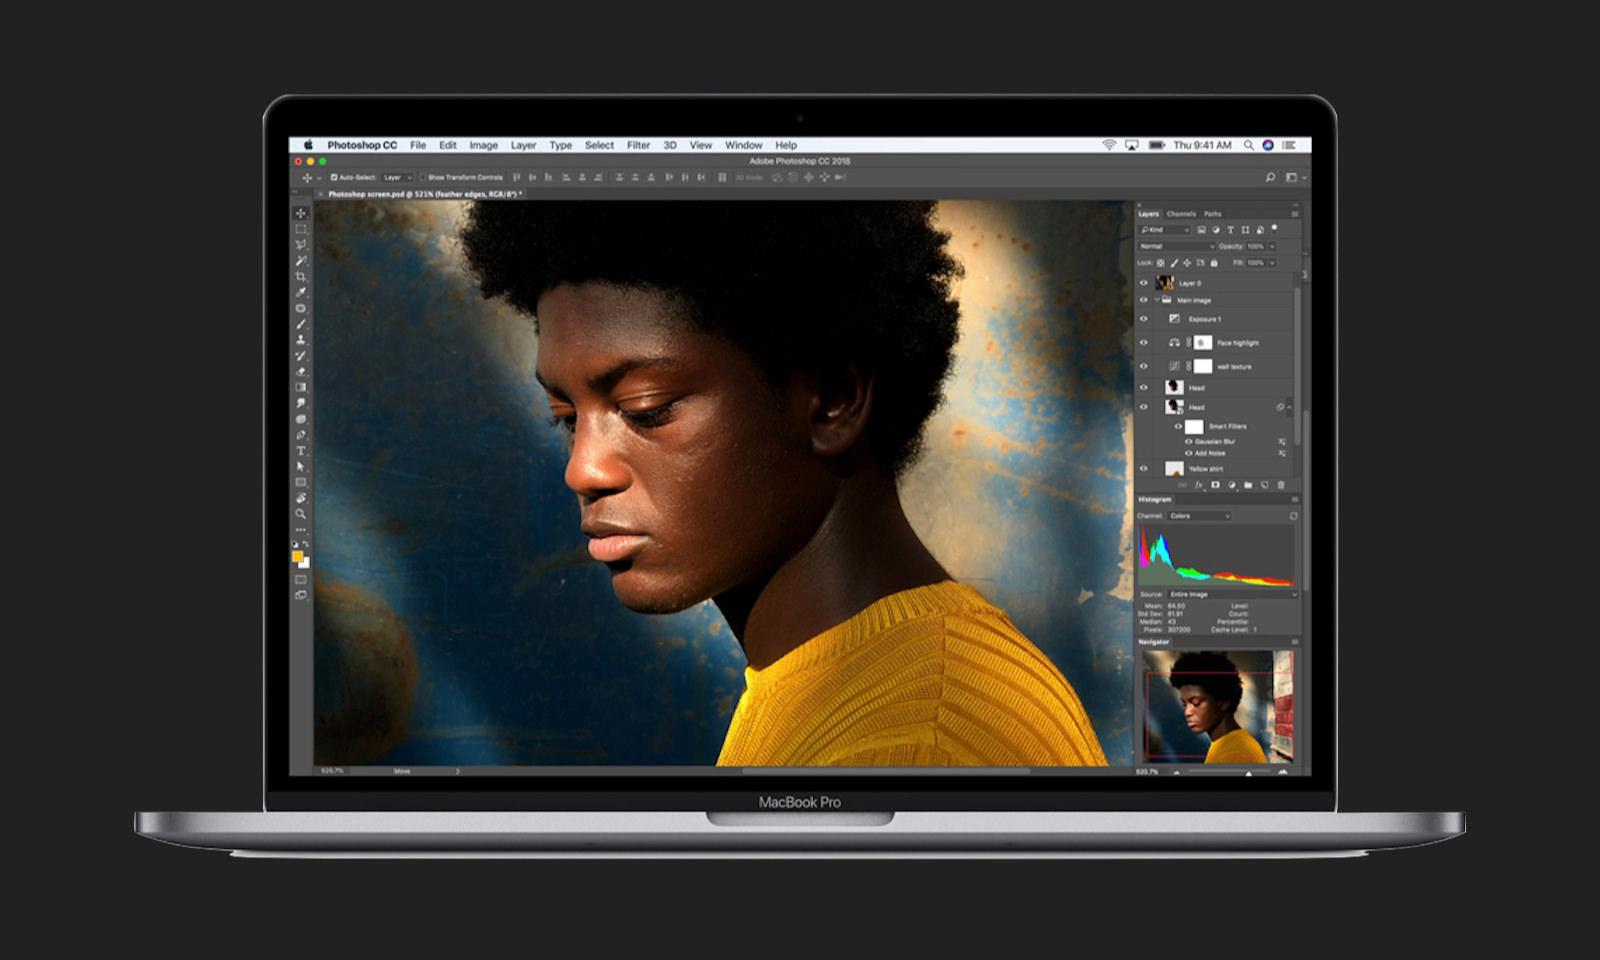 MacBook-Pro-2018-Black.jpg